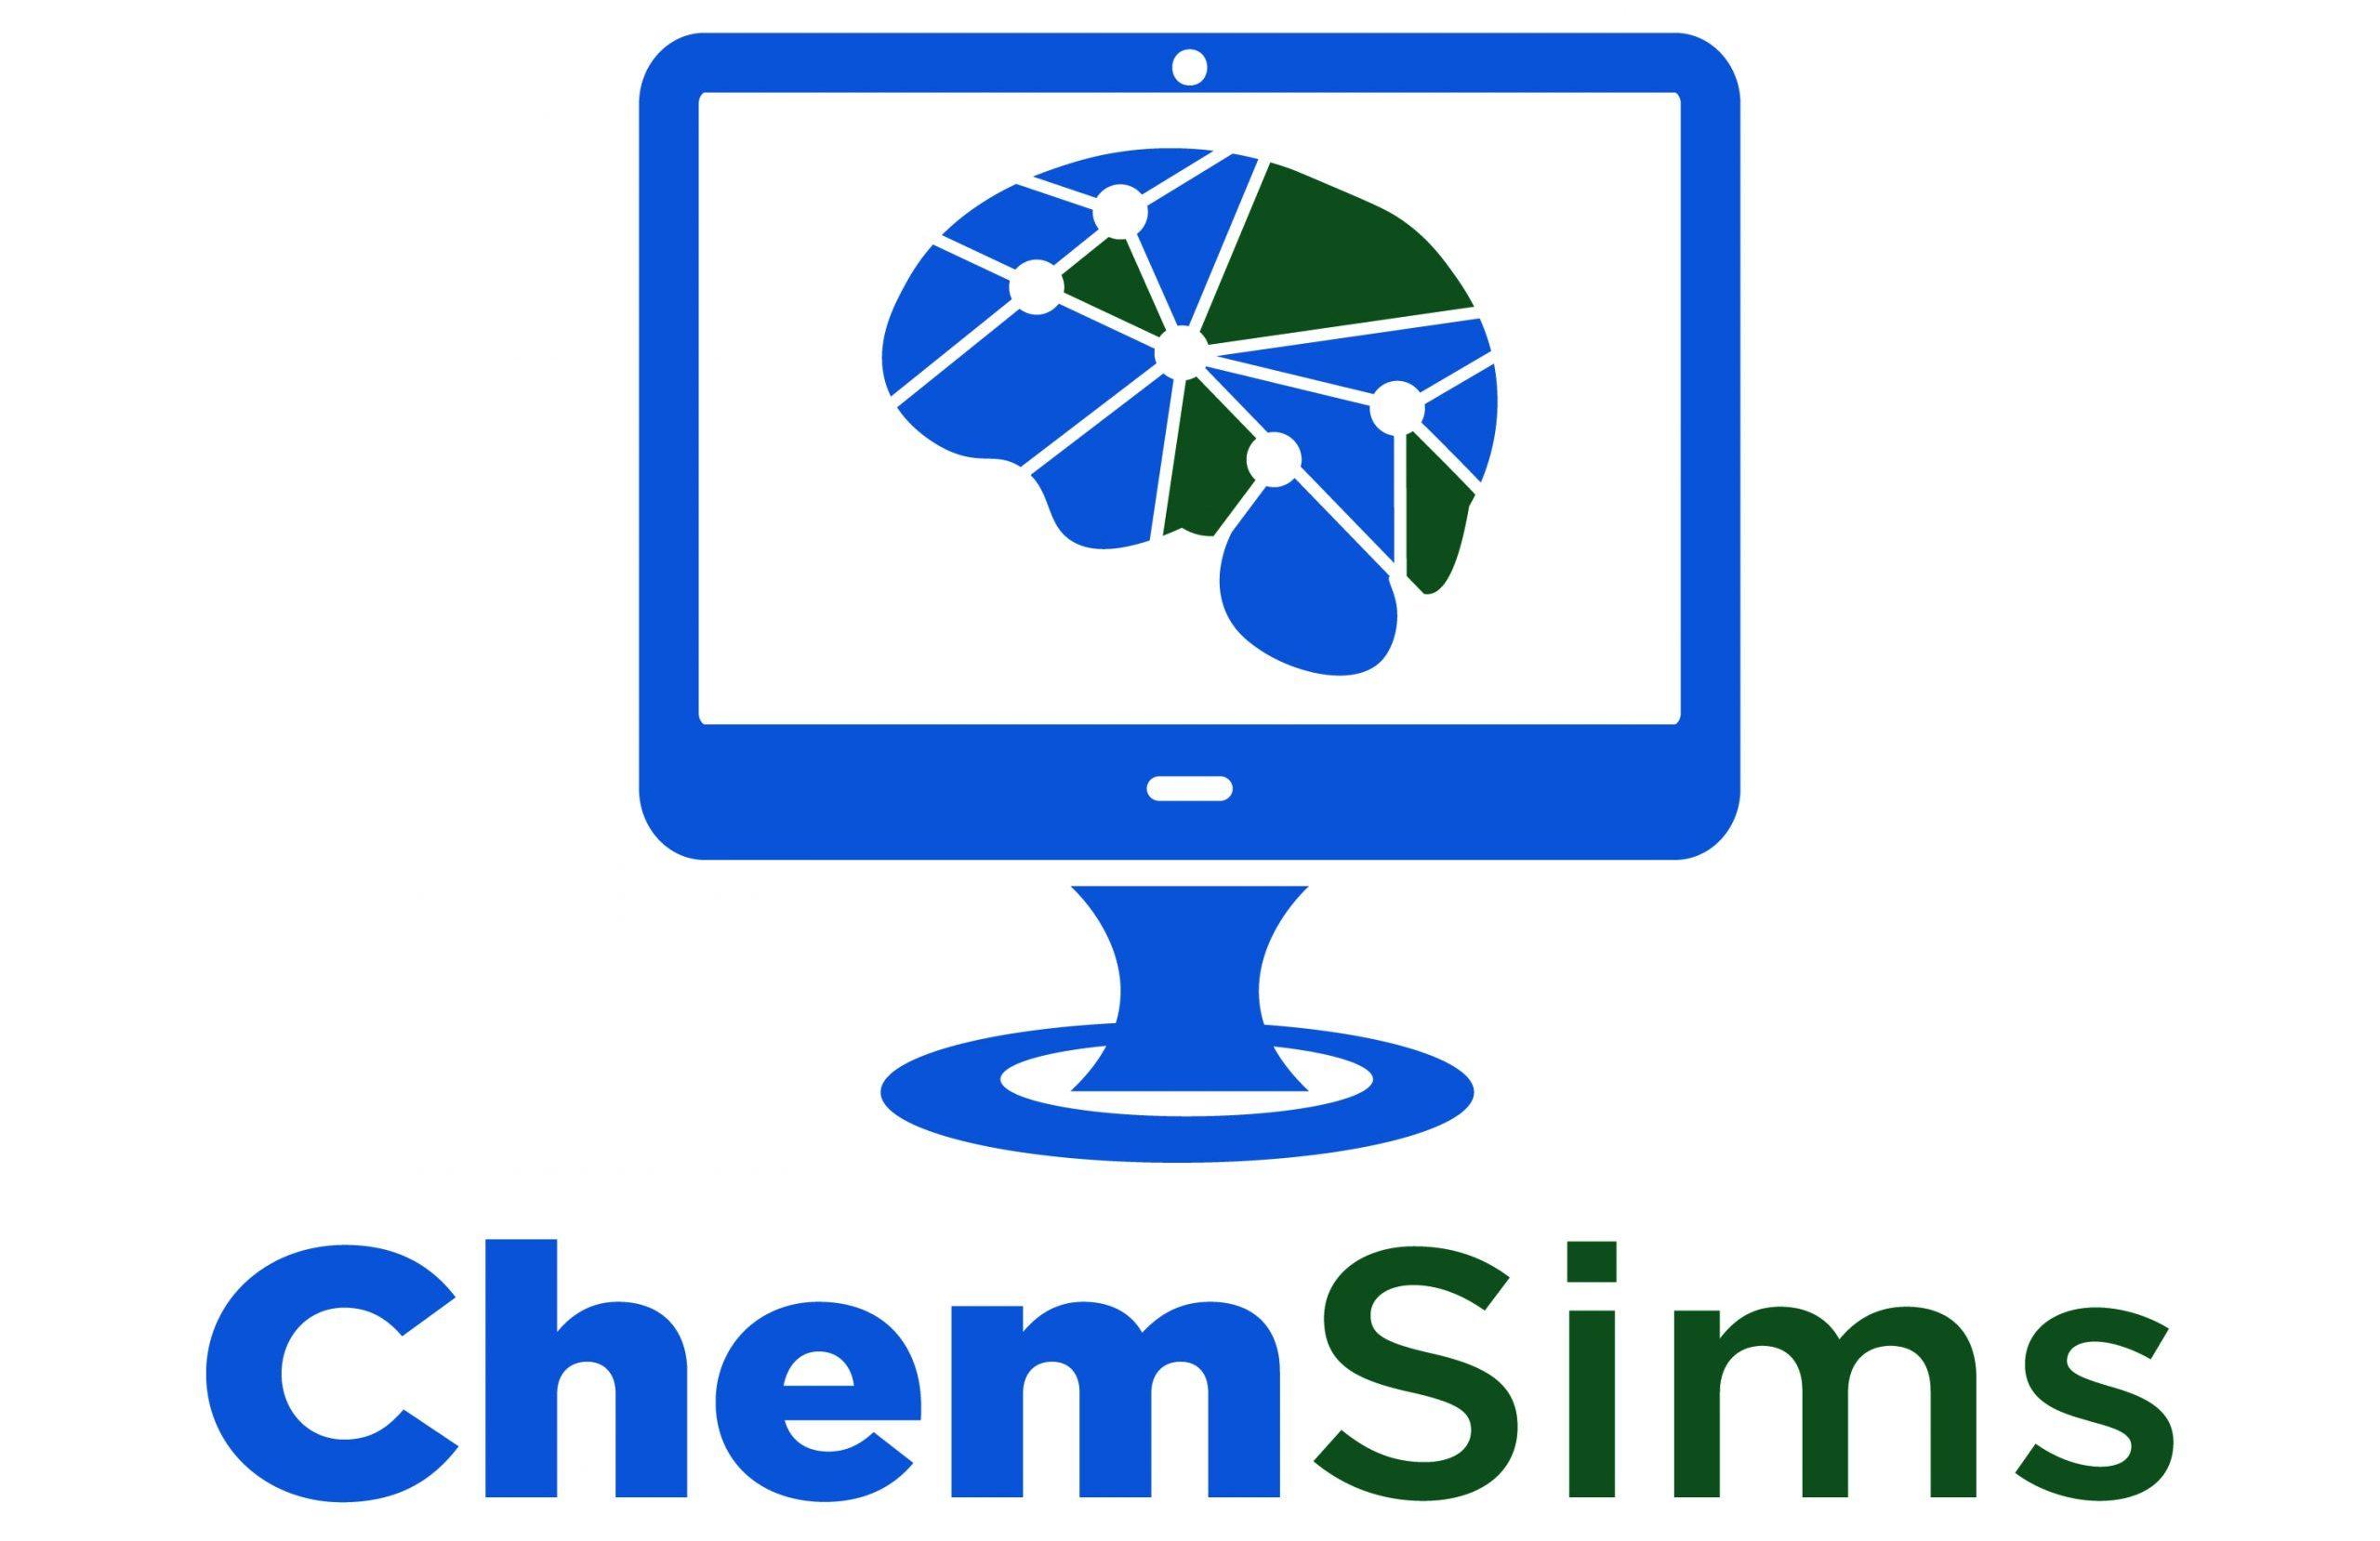 ChemSims